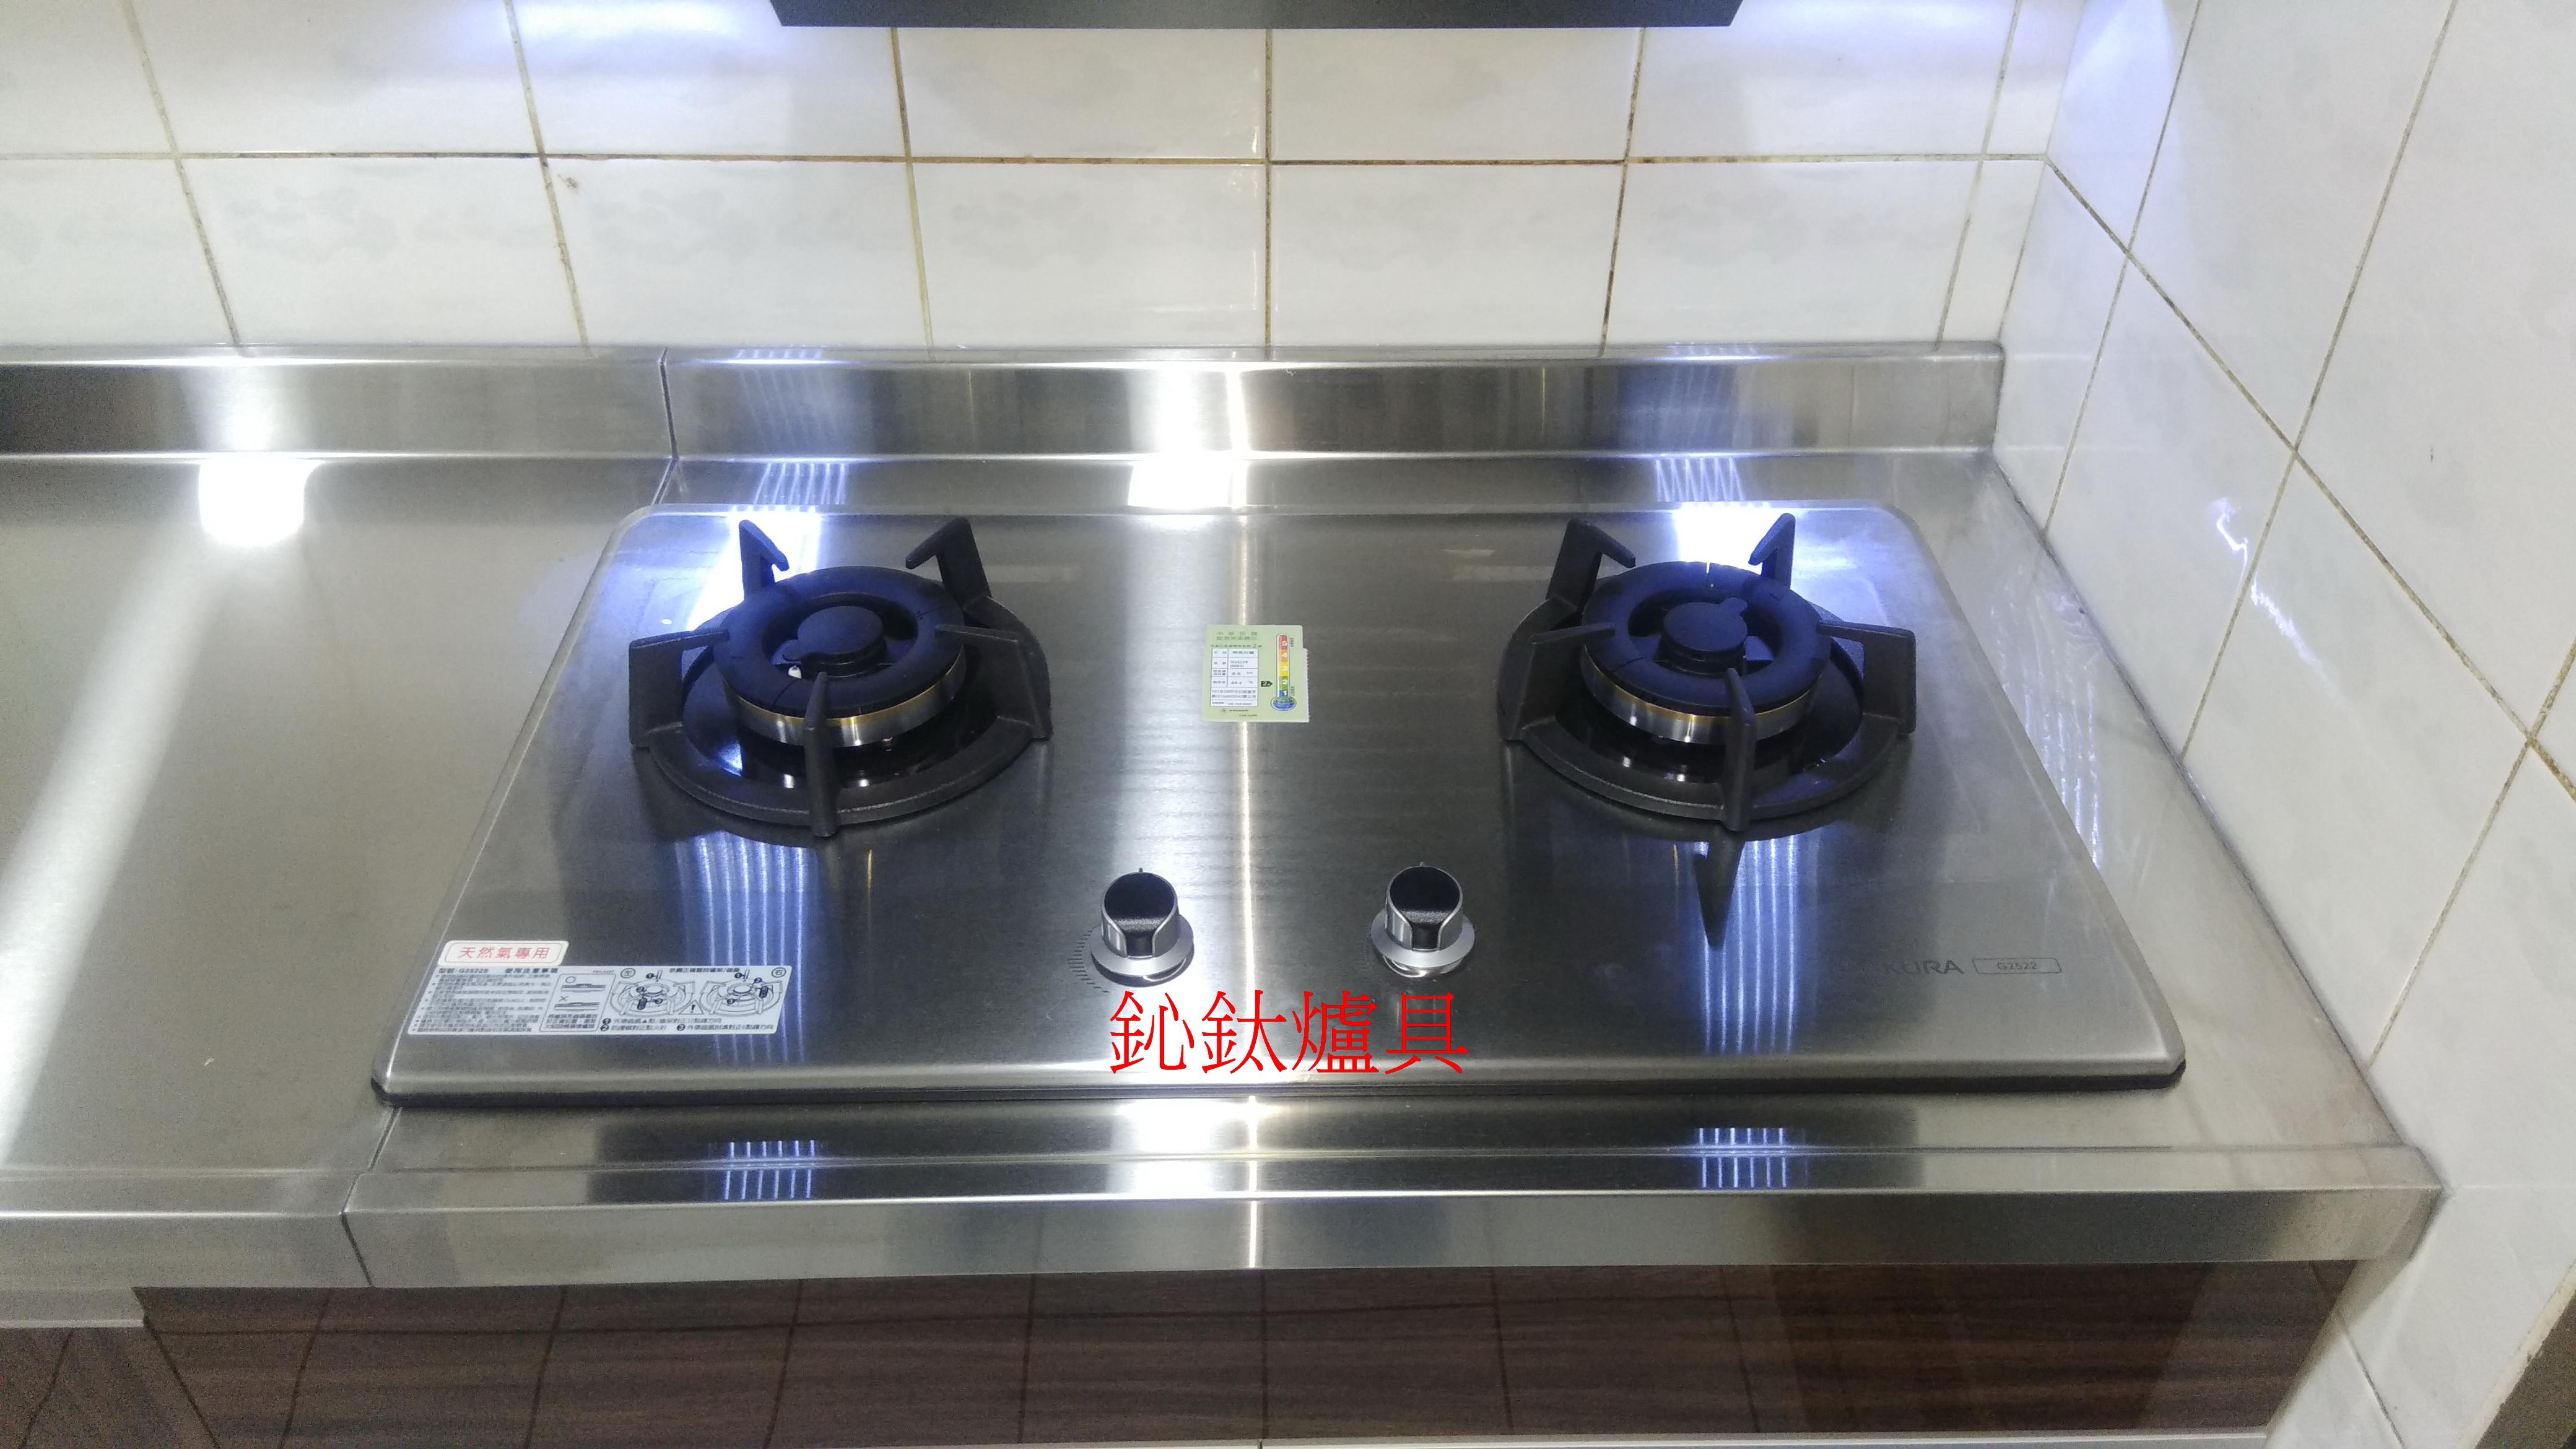 櫻花瓦斯爐G2522S二口小面板易清檯面爐.jpg